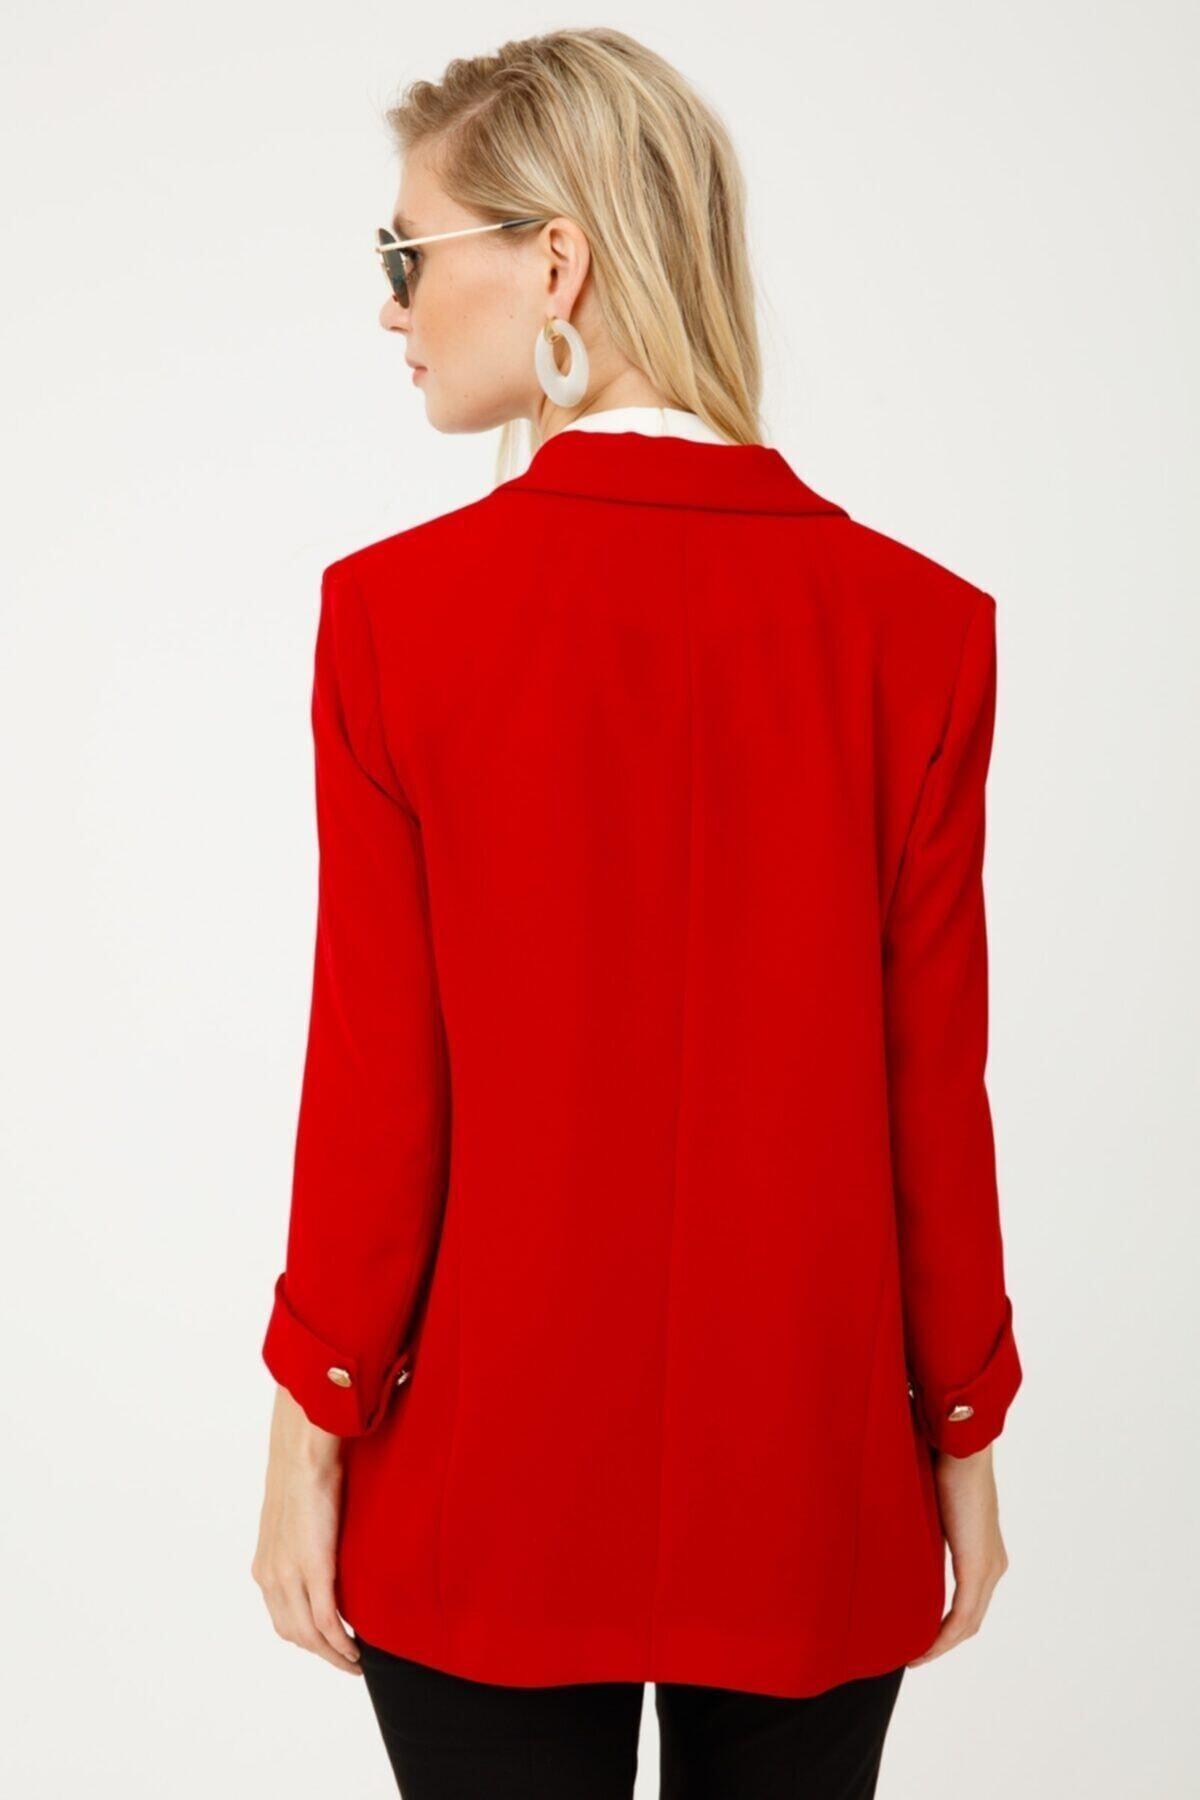 Ekol Kadın Düğmeli Blazer Ceket 5007 2